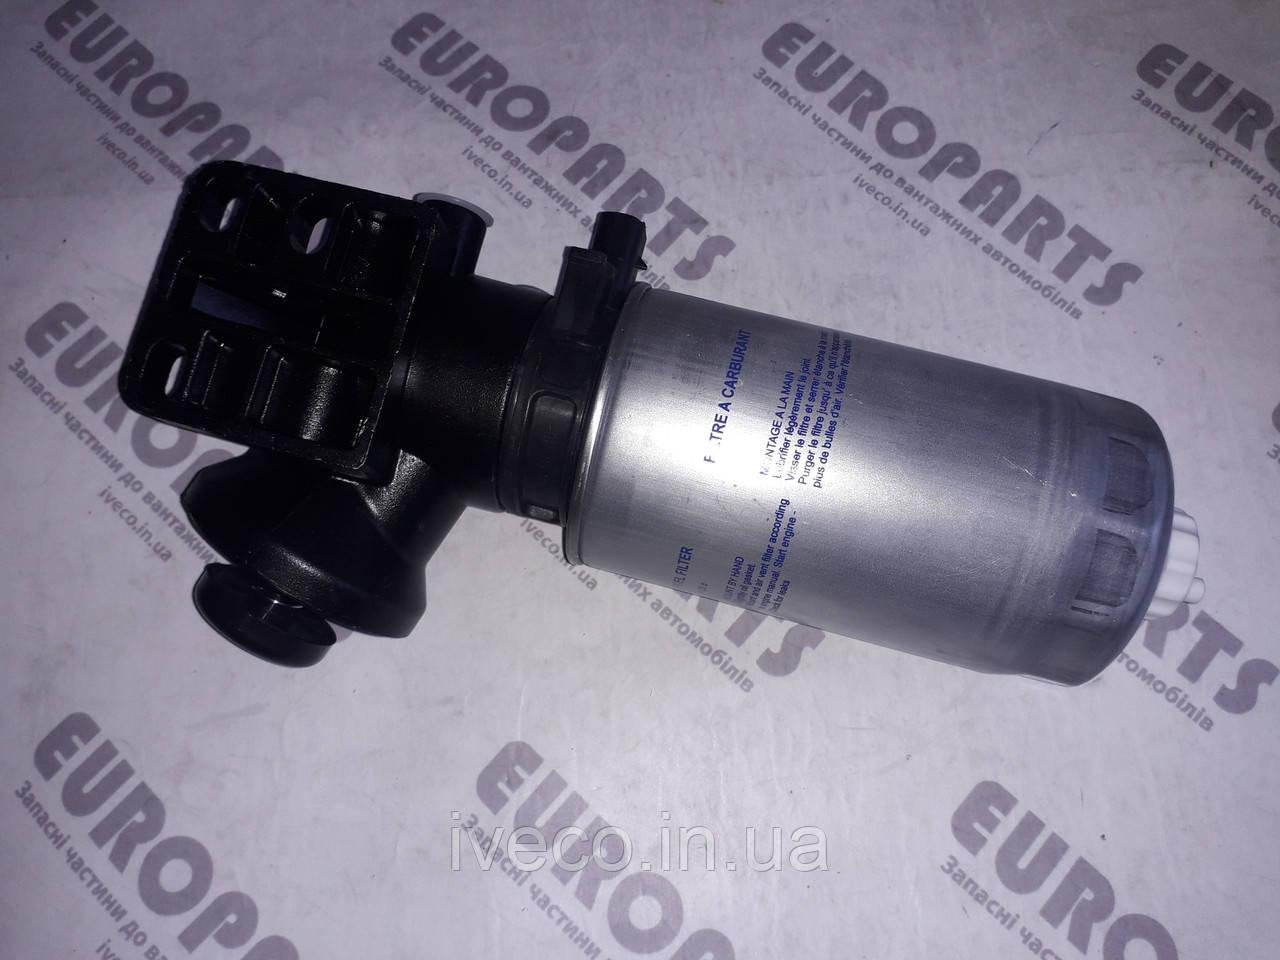 Подкачка топлива с подогревом Iveco Stralis Ивеко Стралис  42545831 взборе с фильтром 2992662